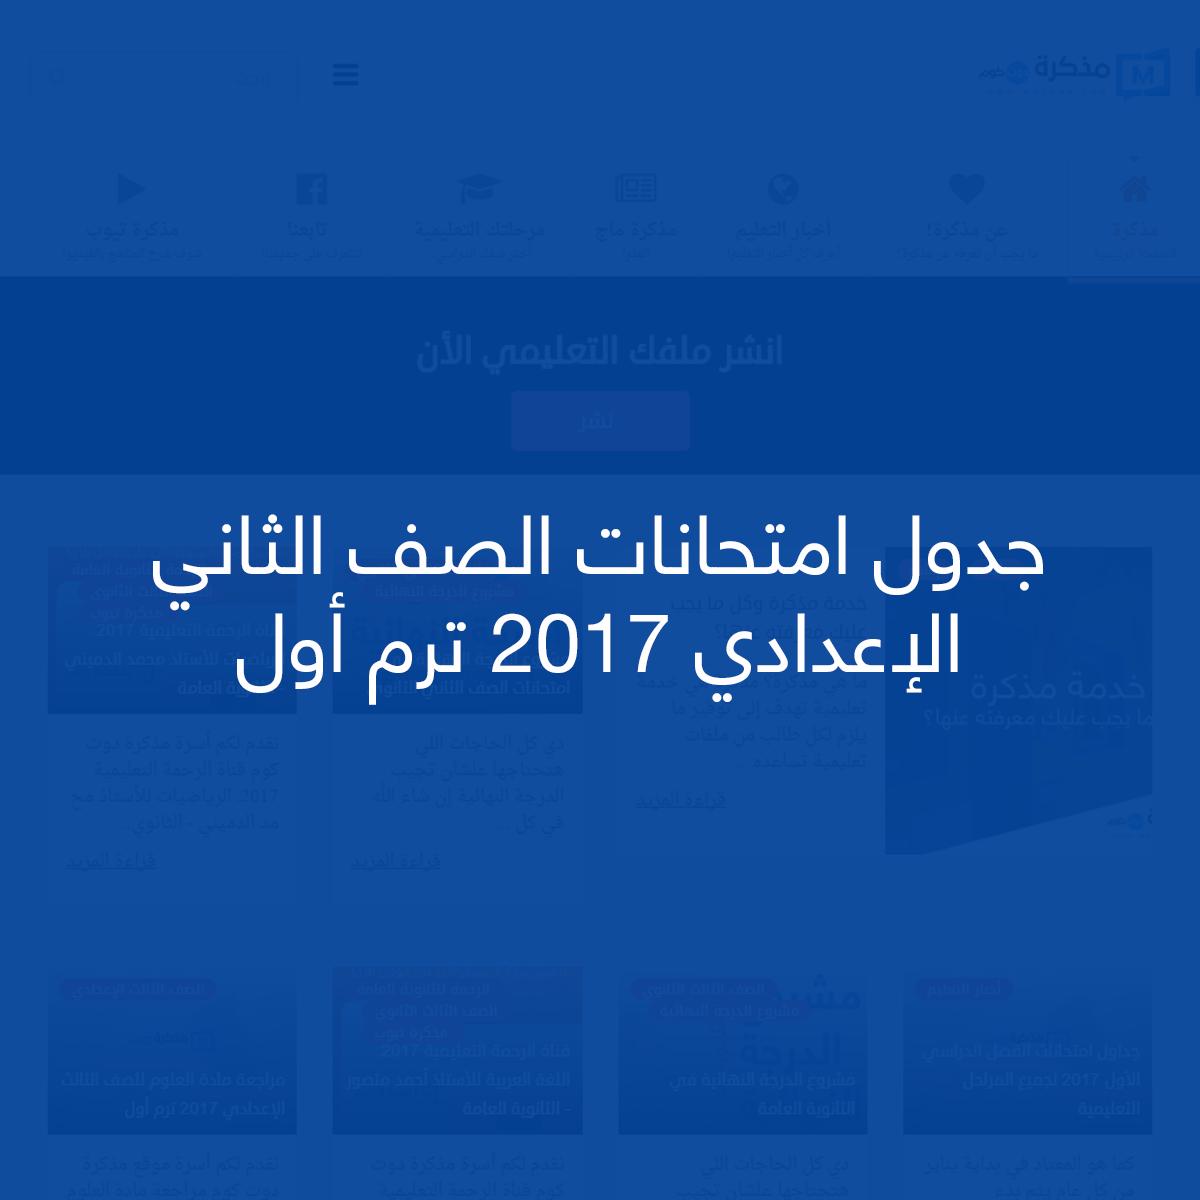 جدول امتحانات الصف الثاني الإعدادي 2017 ترم أول